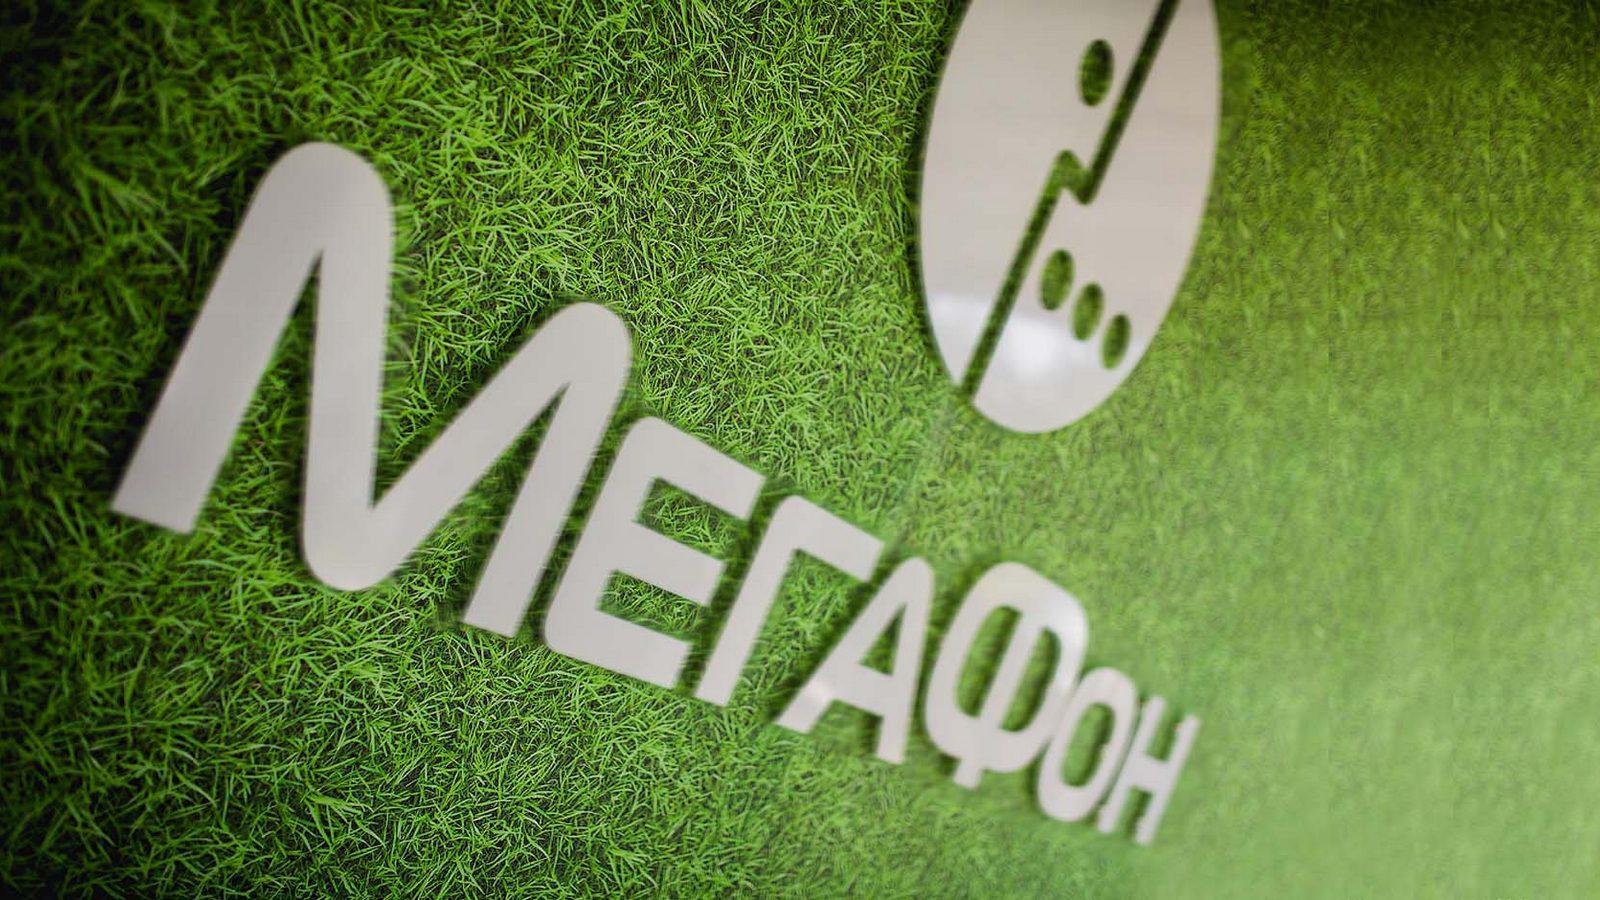 МегаФон разработал экосистему IoT решений для бизнеса и муниципалитетов